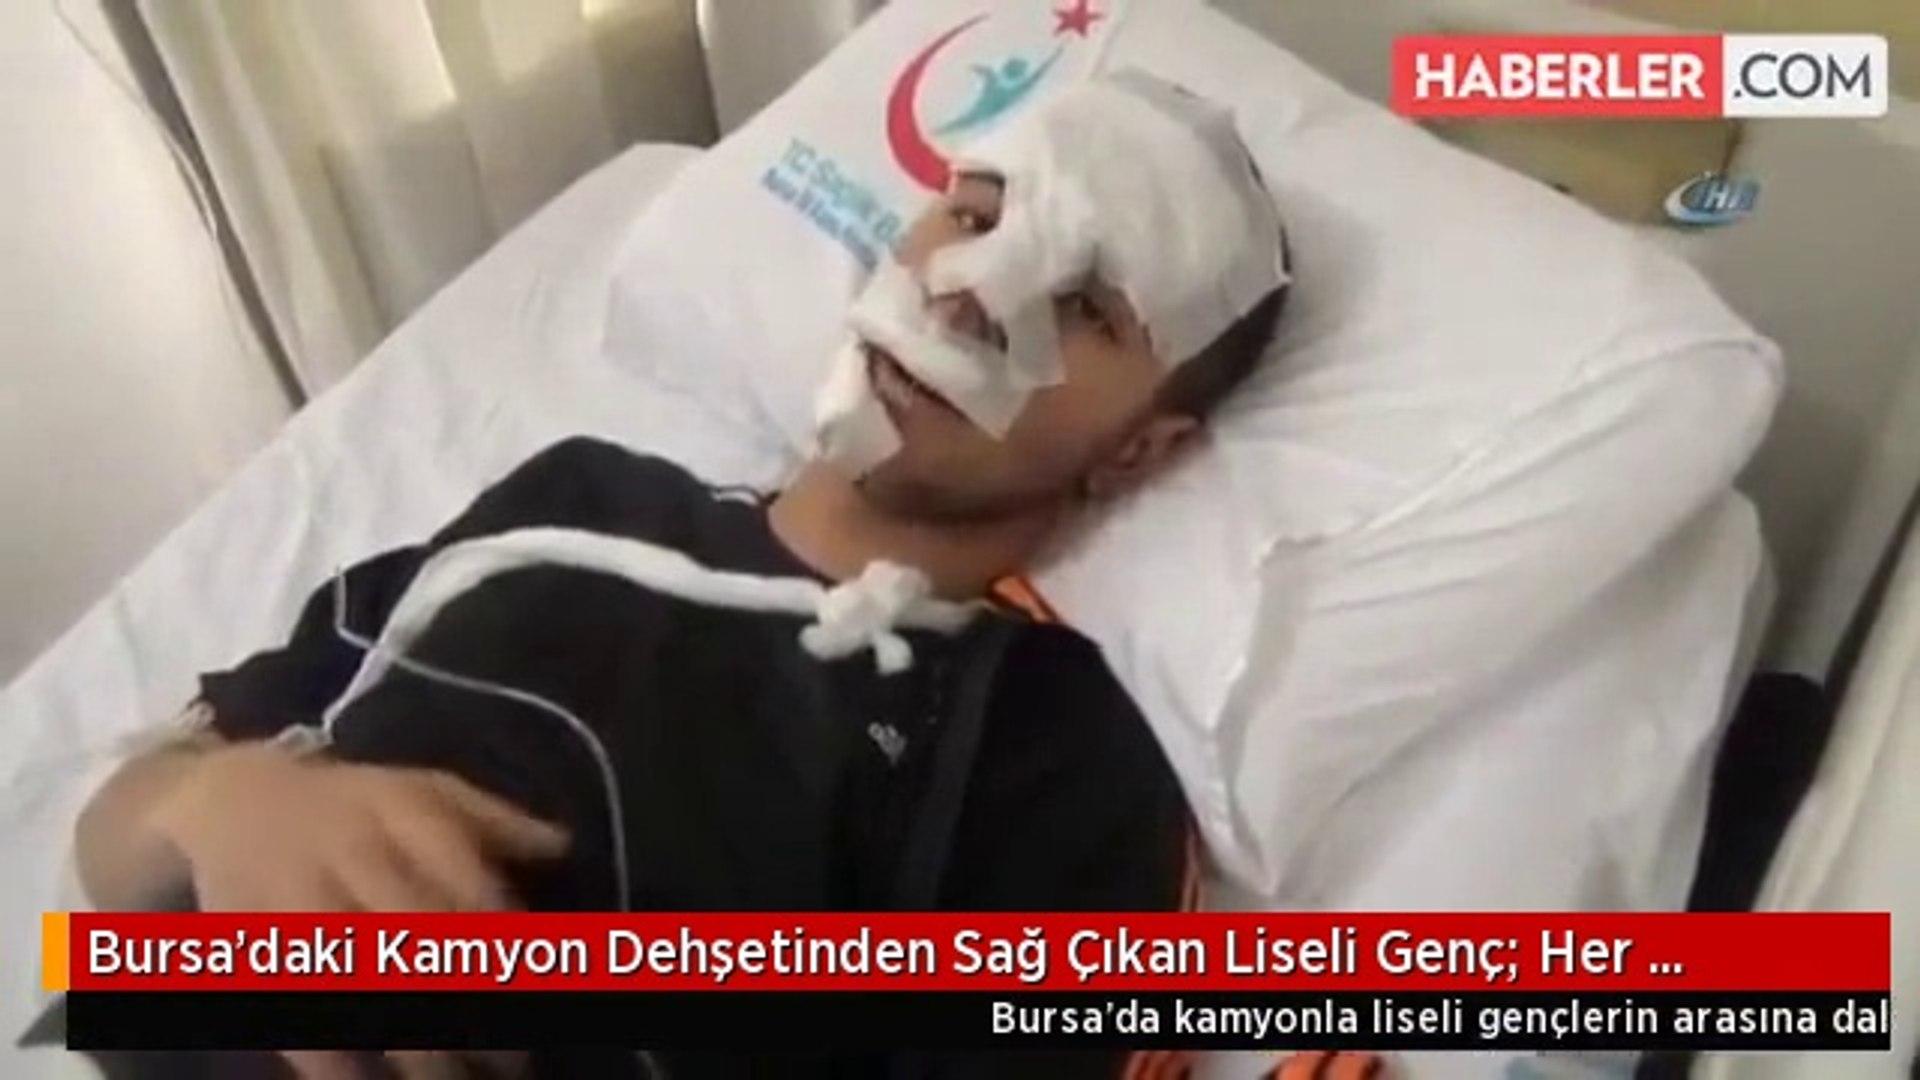 Bursa'daki Kamyon Dehşetinden Sağ Çıkan Liseli Genç: Her Yerim Kan İçindeydi